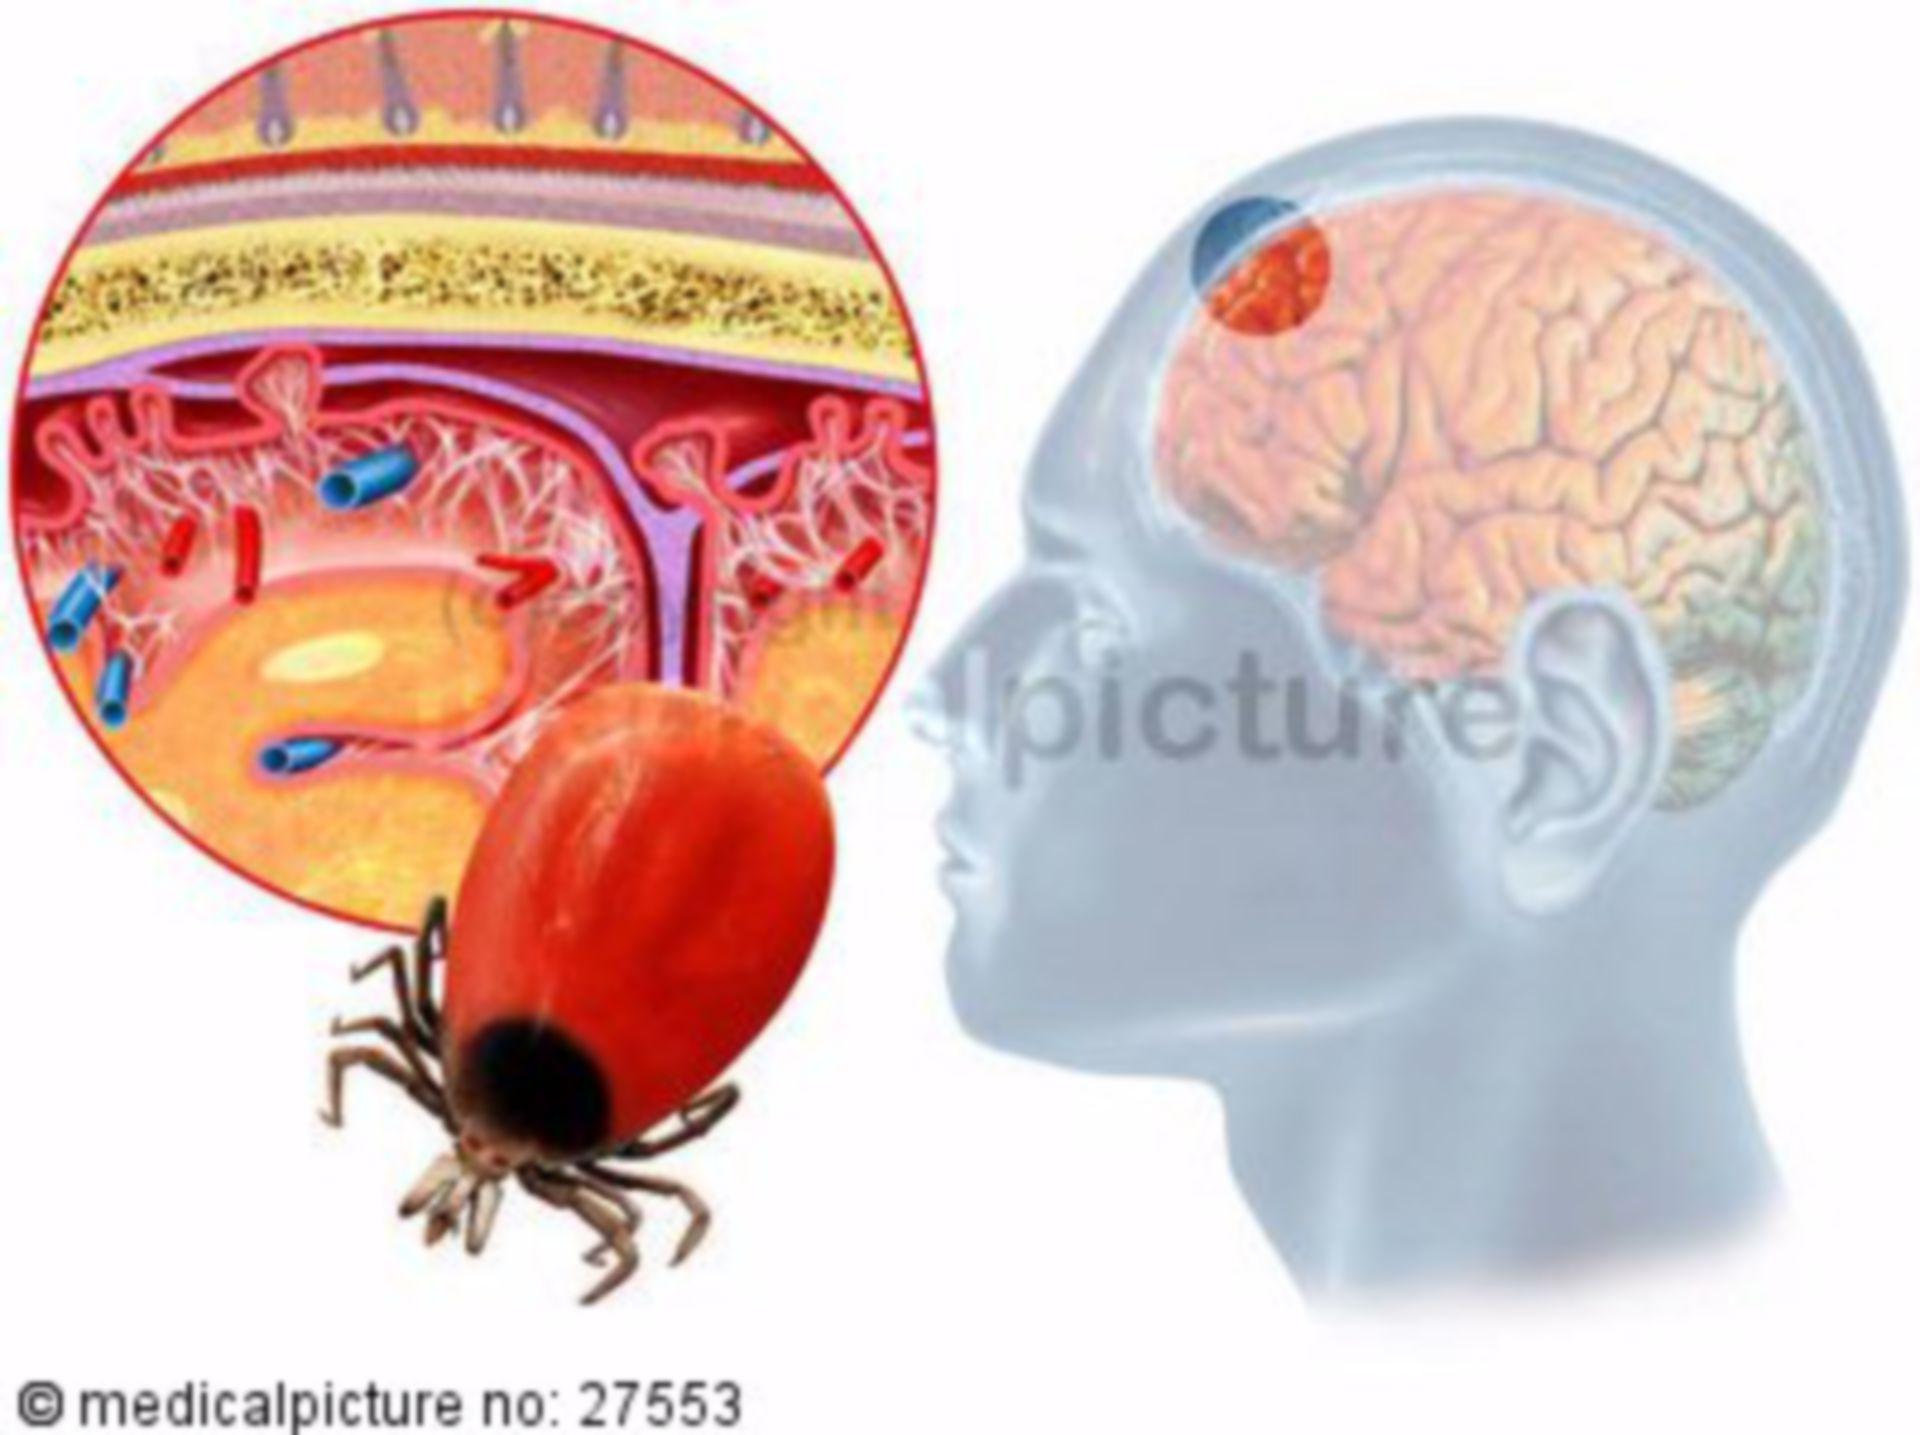 Early summer meningoencephalitis (ESME)